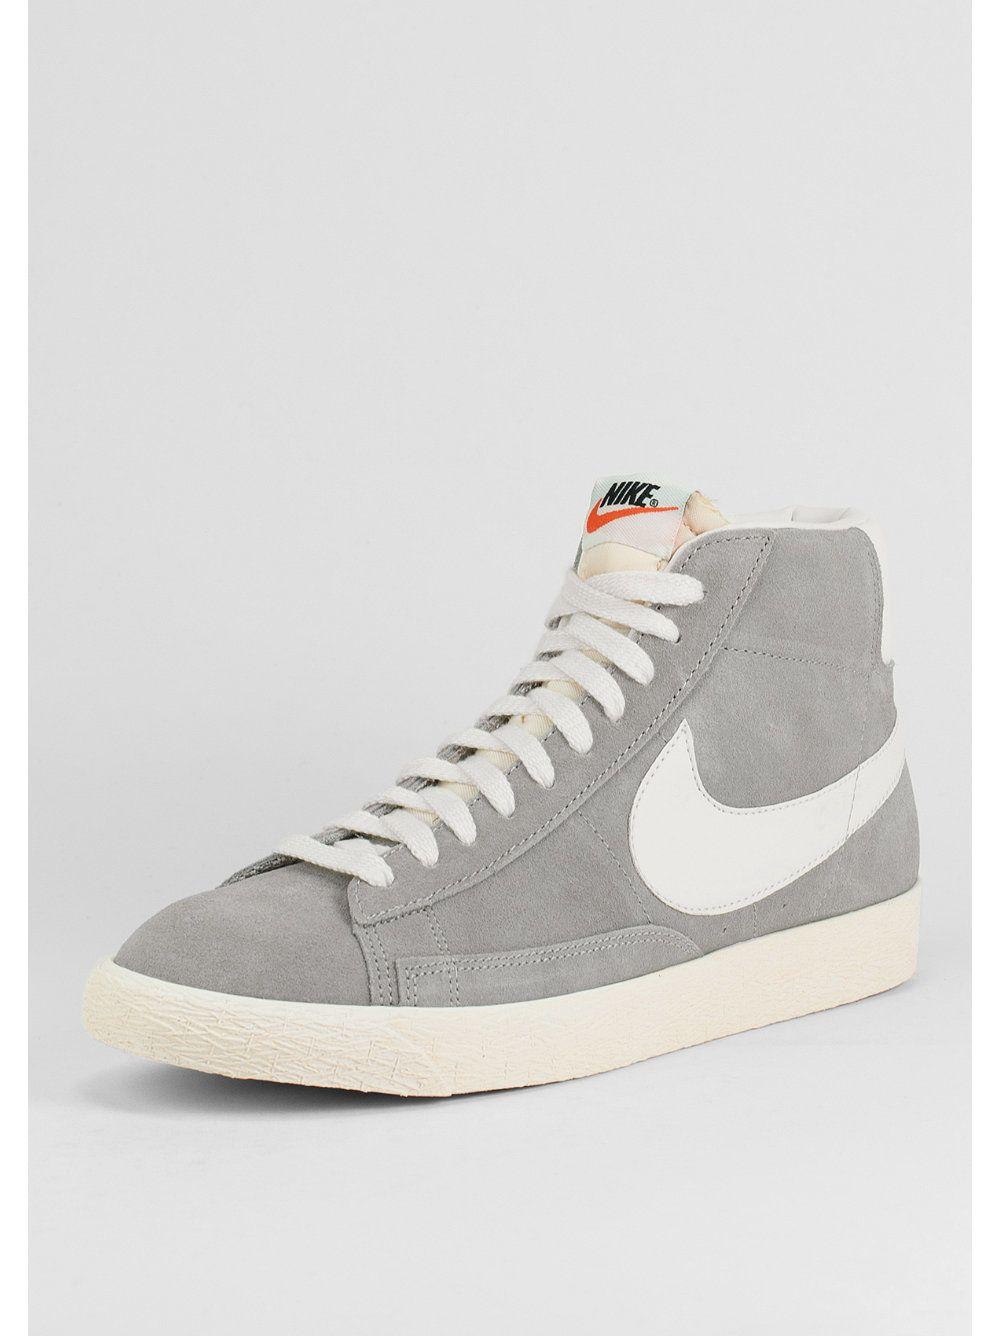 Nike Blazer Mi Idiomes De La Liberté De La Prime